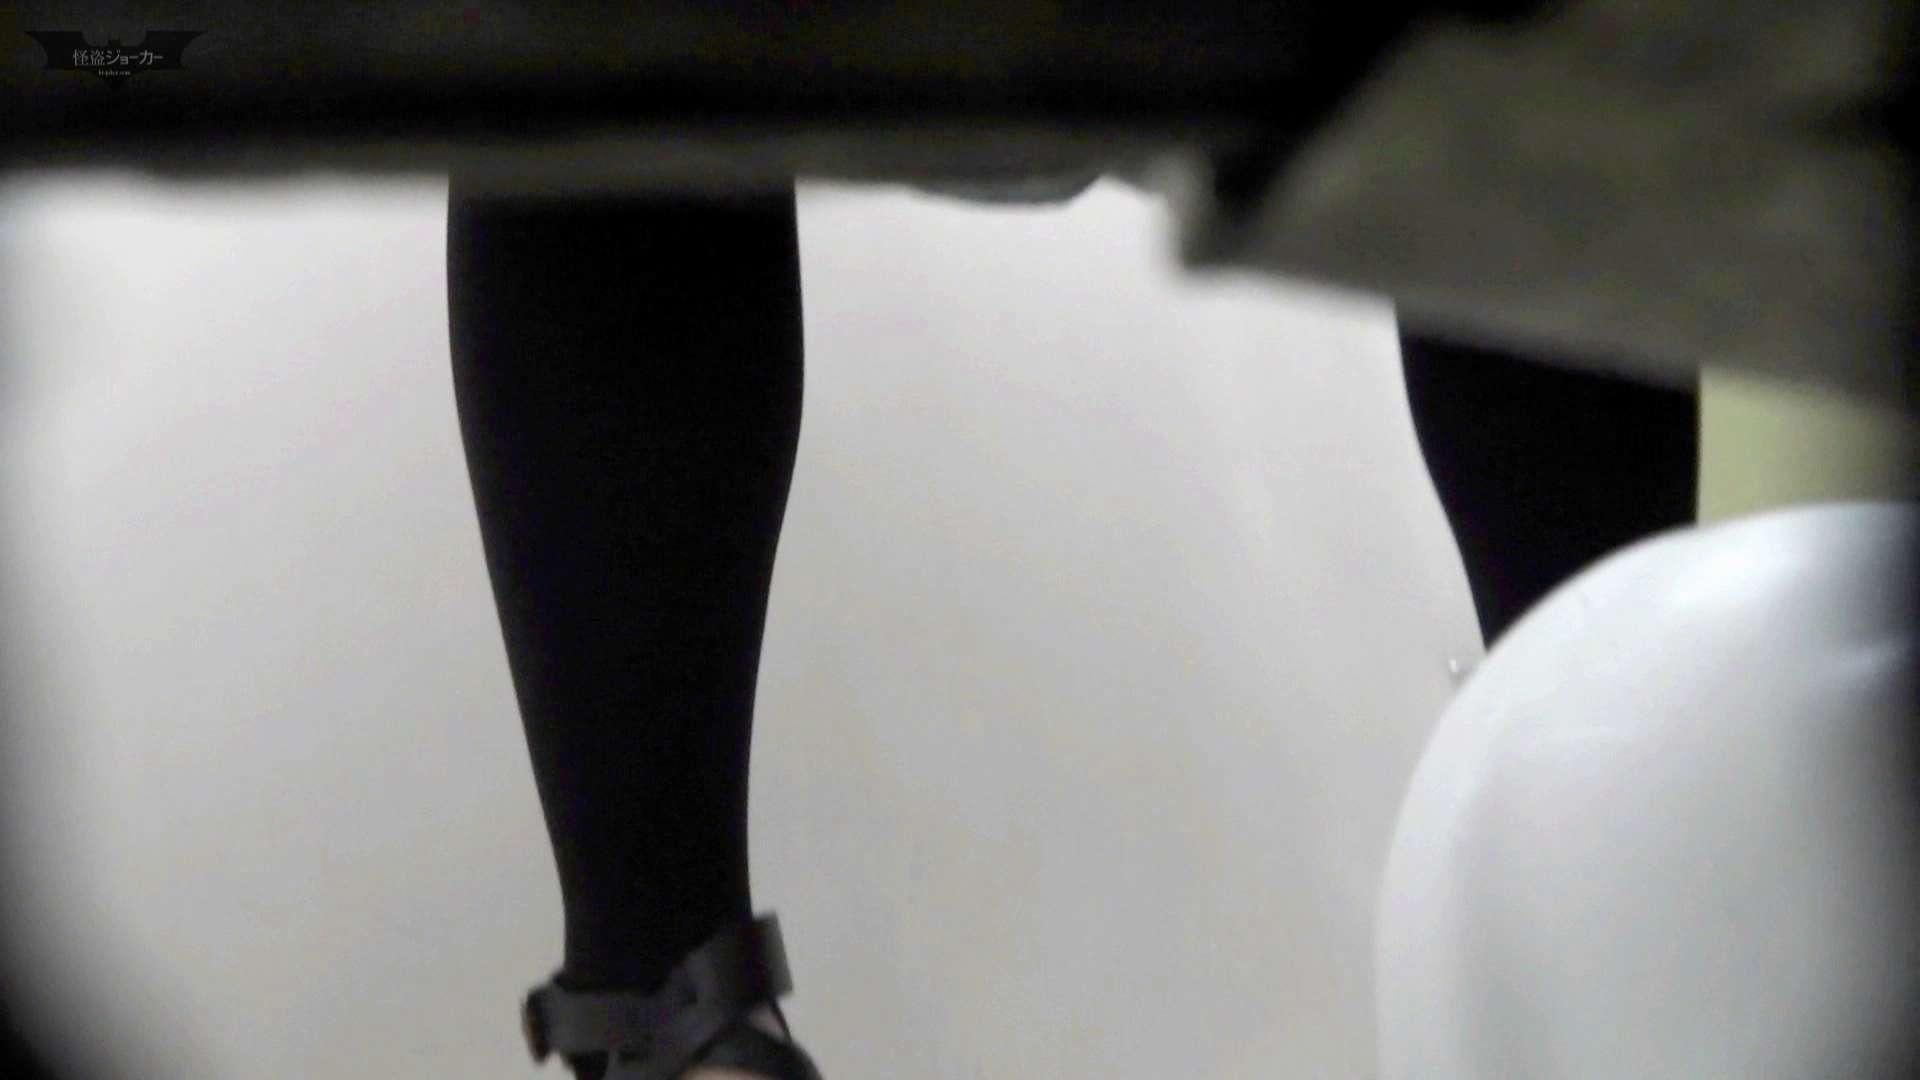 洗面所特攻隊 vol.68 前回のスーパー美女がついに【2015・14位】 洗面所 AV無料動画キャプチャ 68連発 58